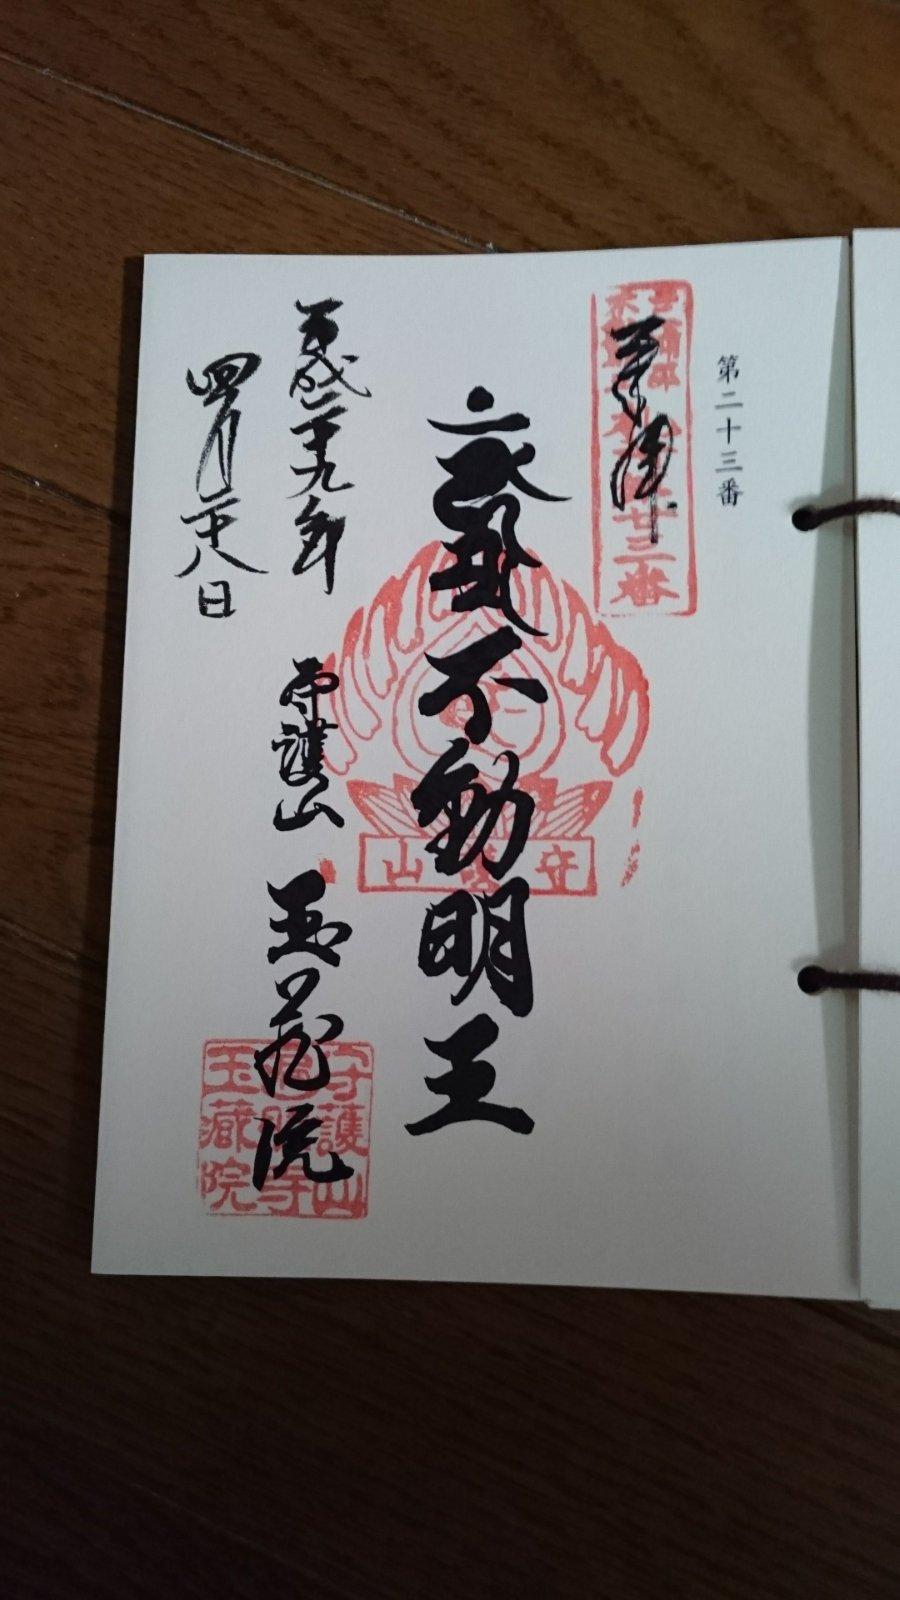 うさ姉の御朱印めぐり (✿❛ω❛)